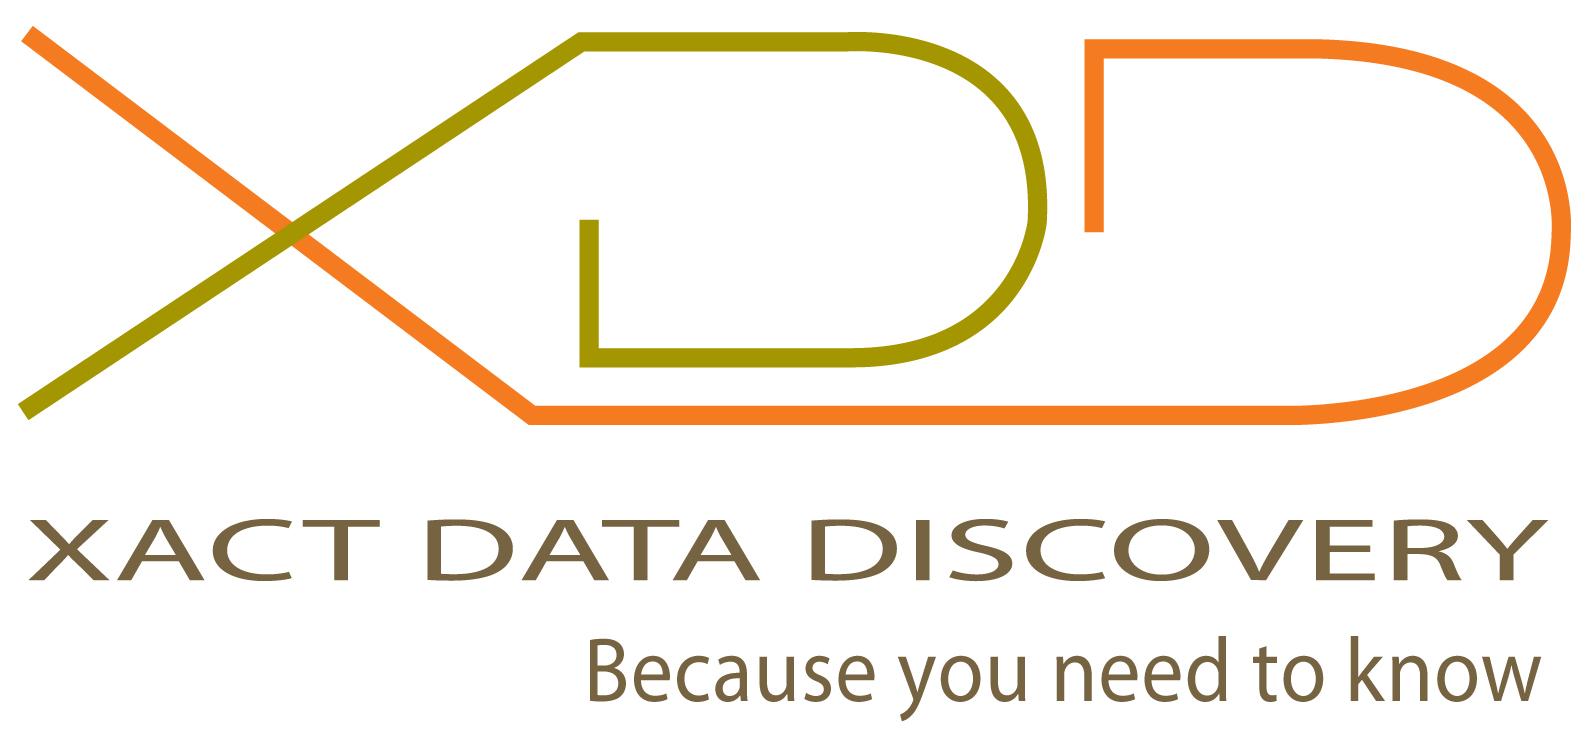 Xact Data Discovery - Makeup